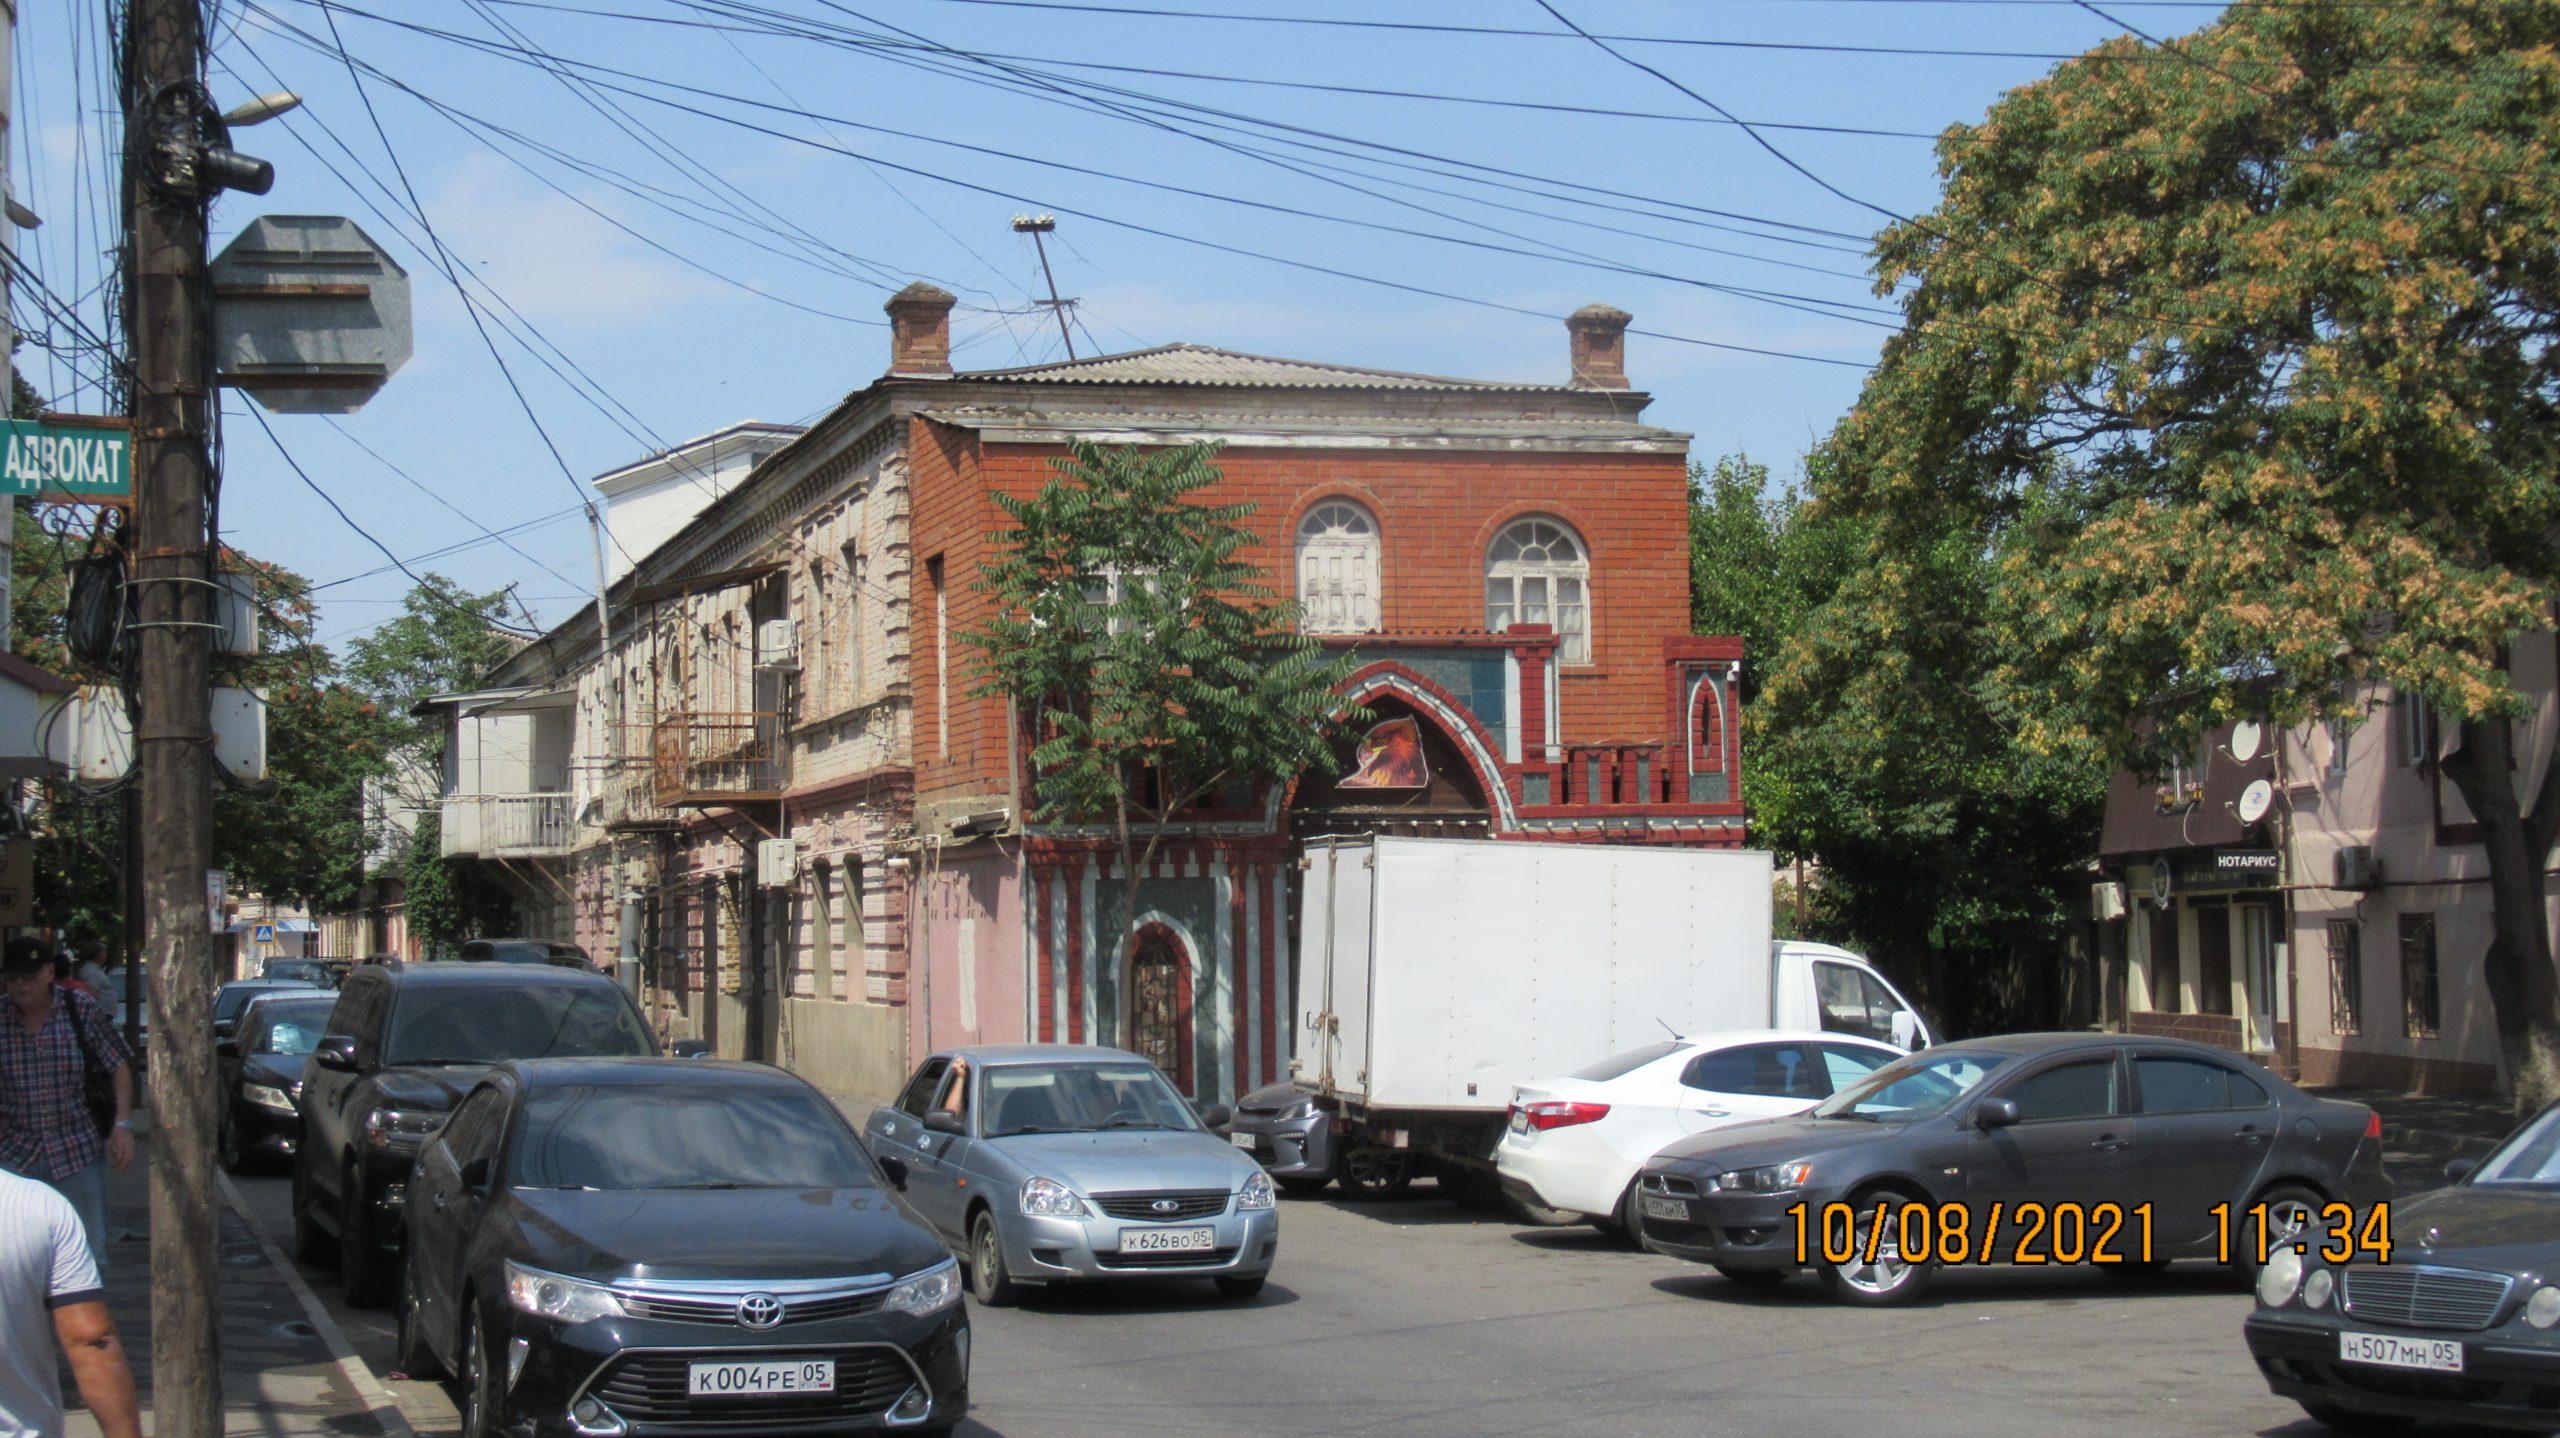 Заметки о Дагестане. Местные водители и общественный транспорт.